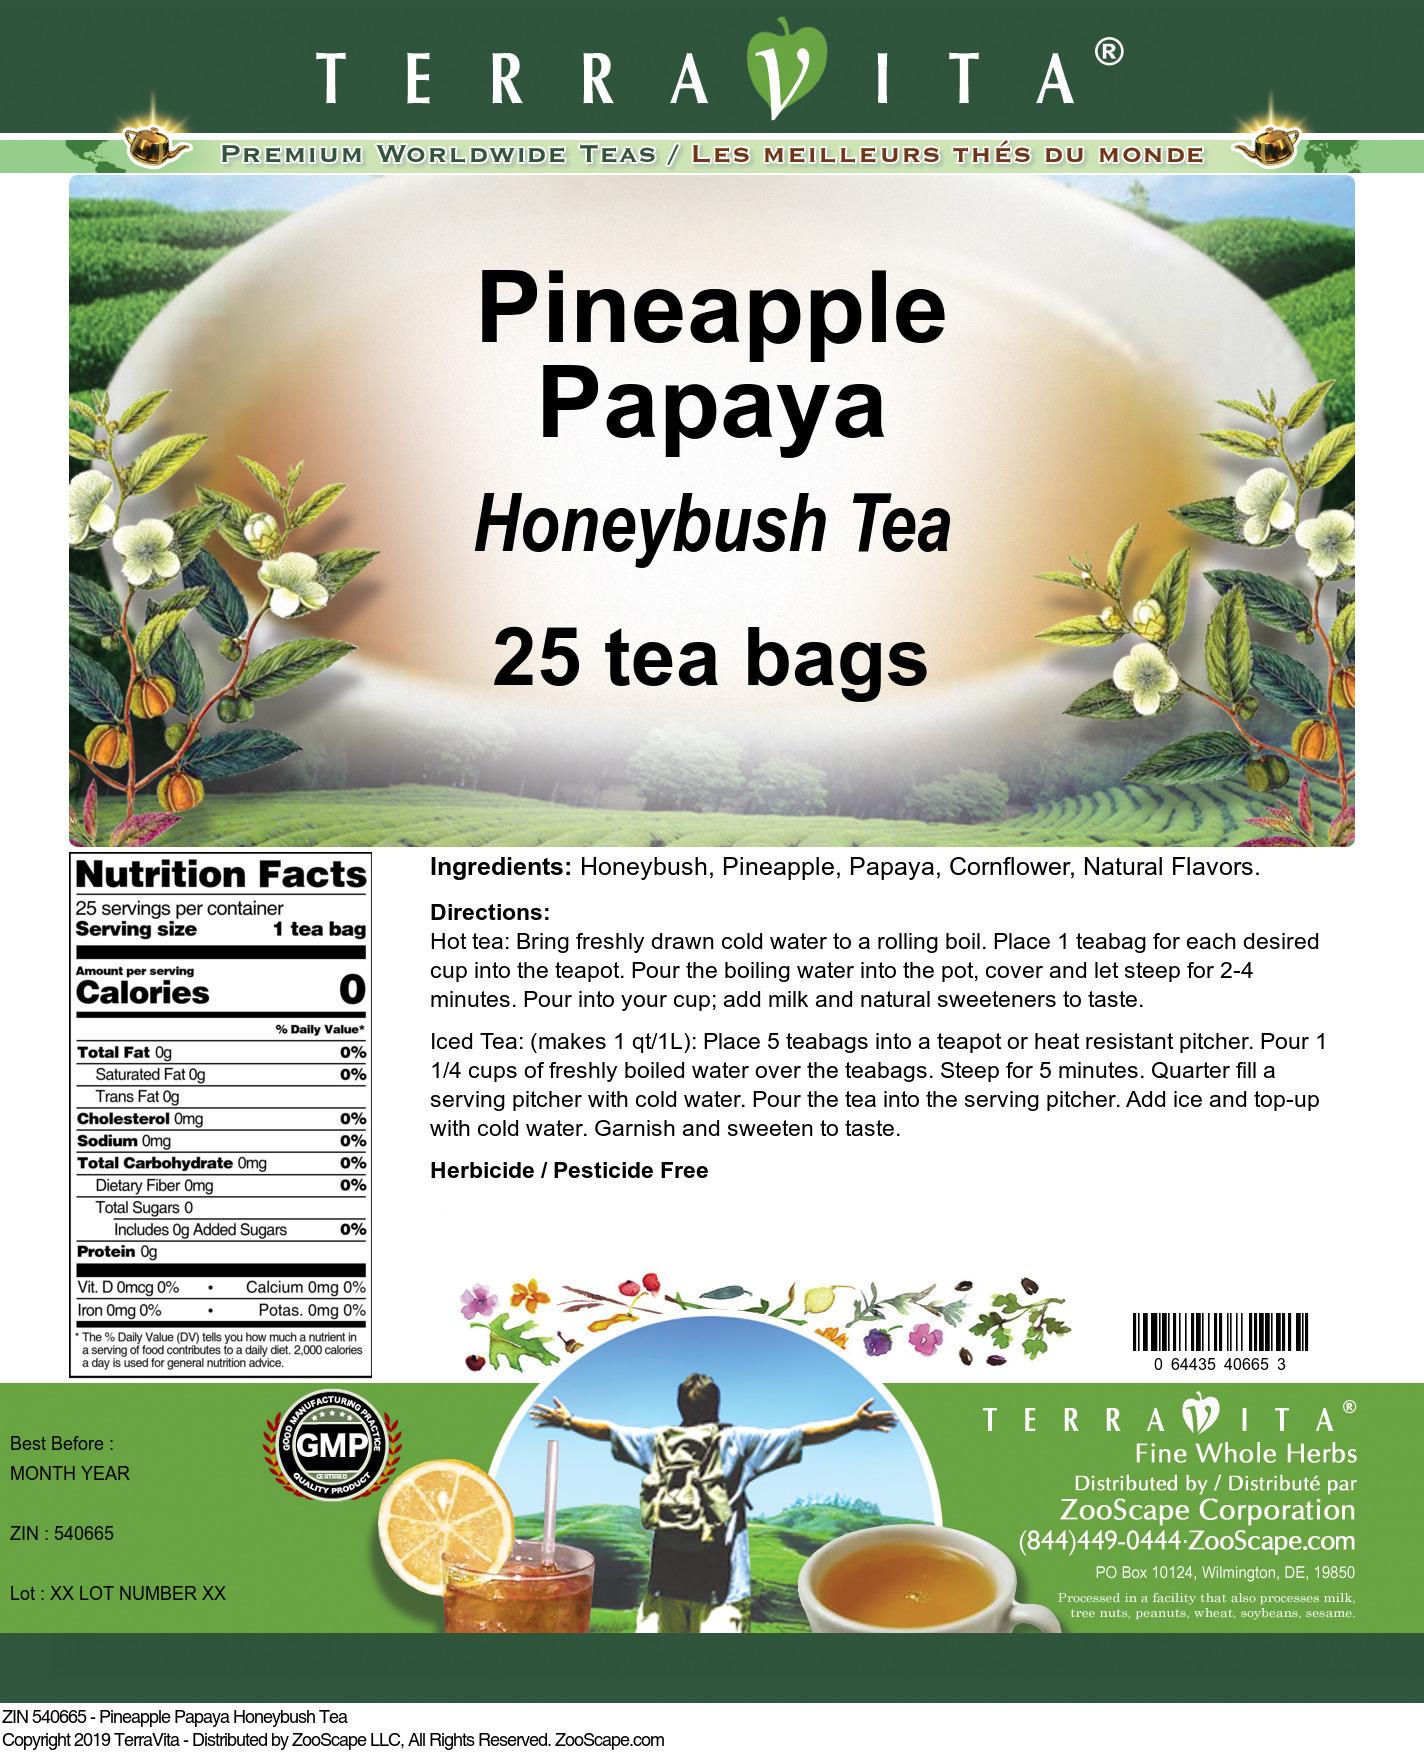 Pineapple Papaya Honeybush Tea